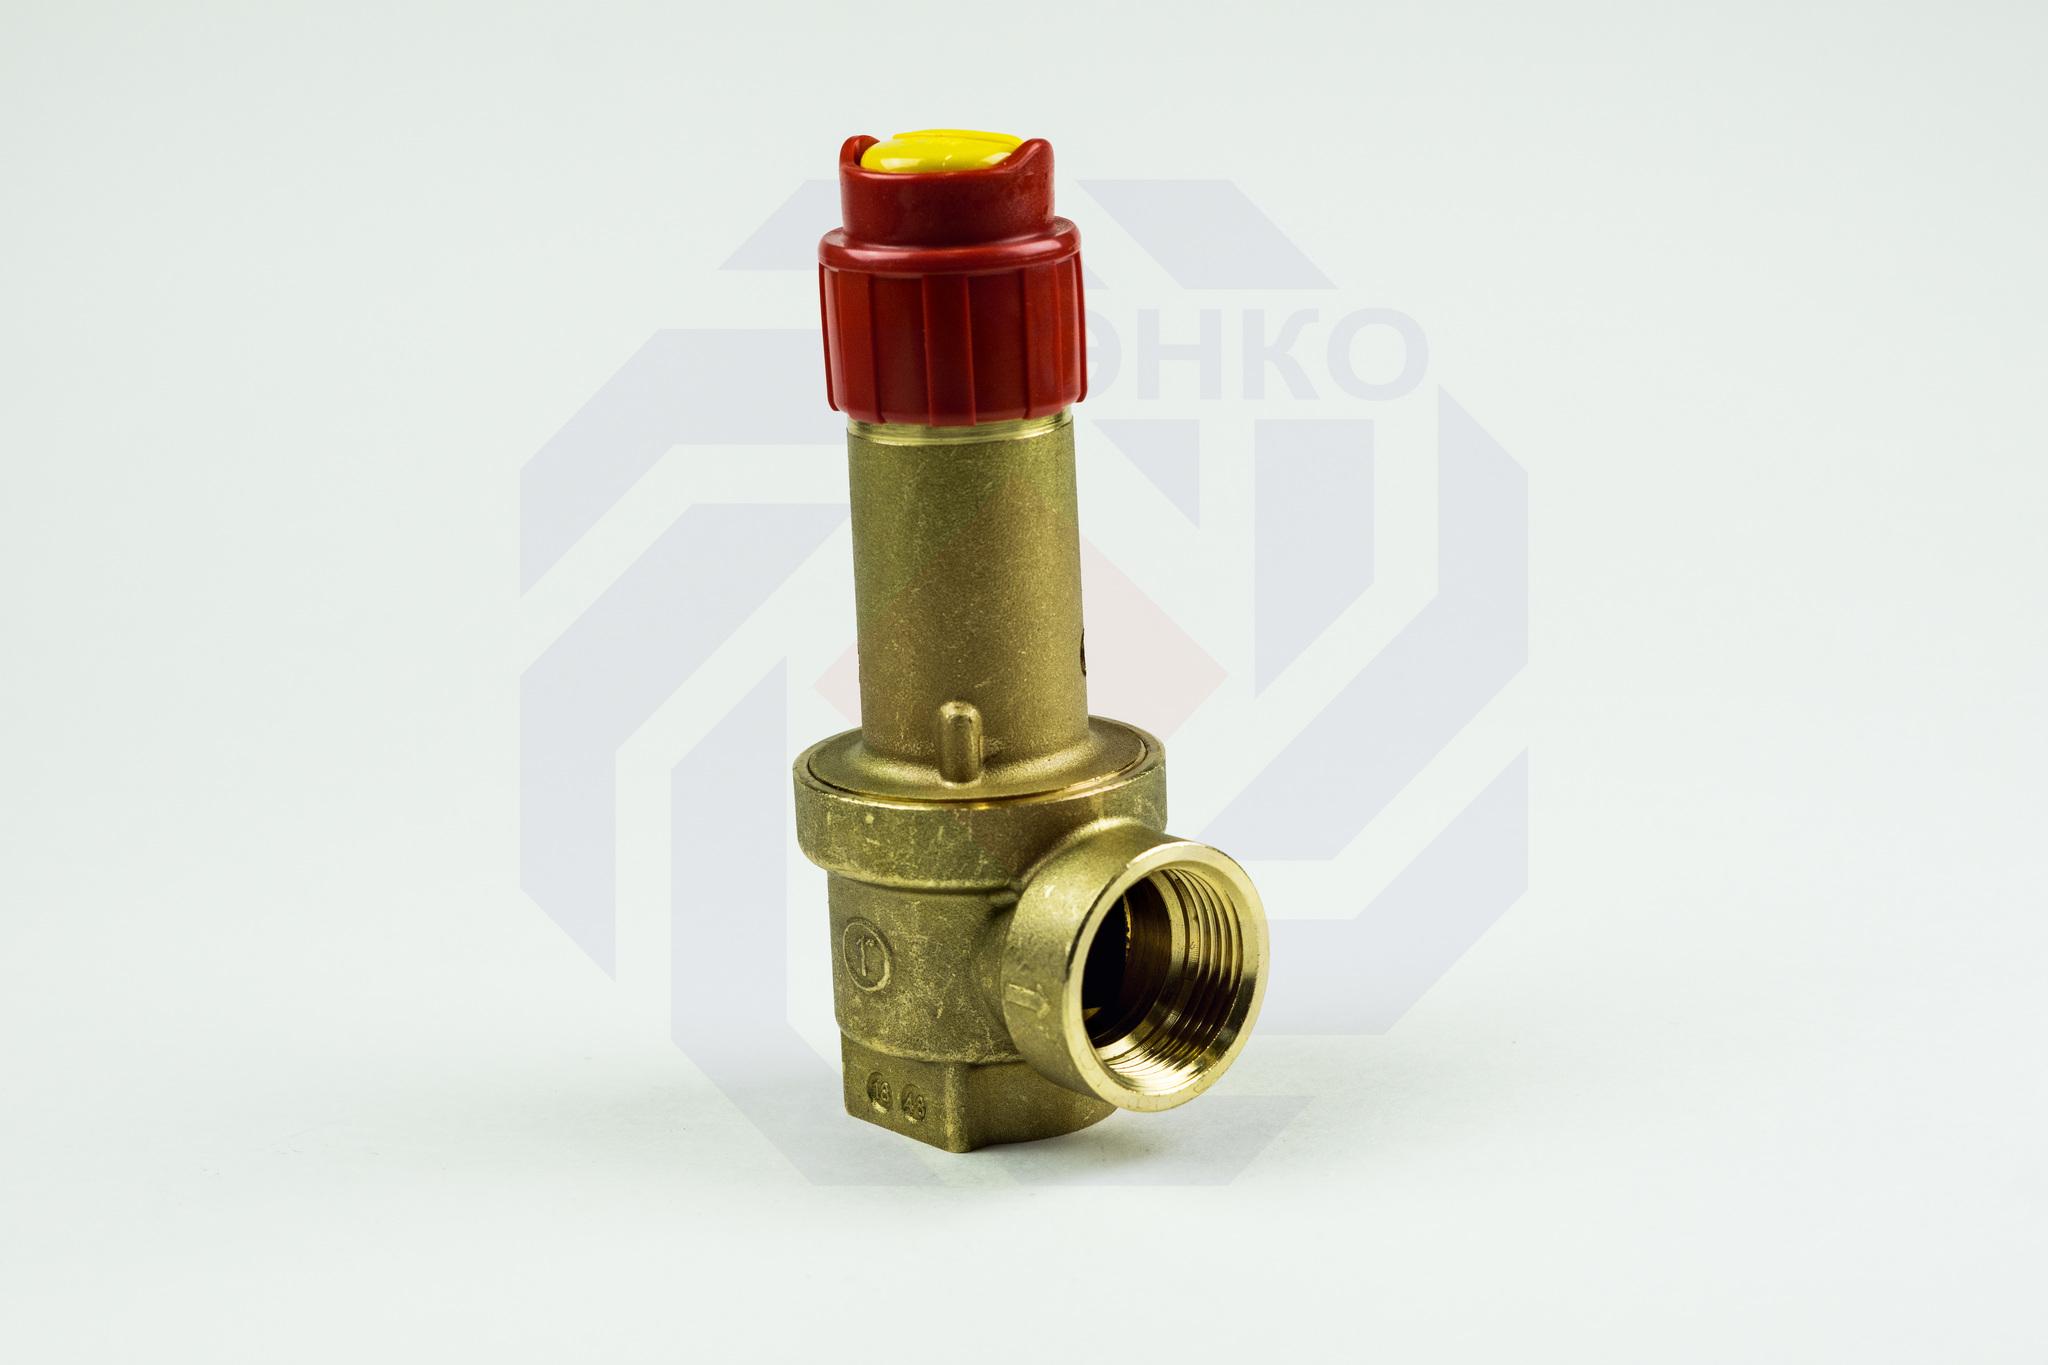 Клапан предохранительный GIACOMINI R140 6 бар 1